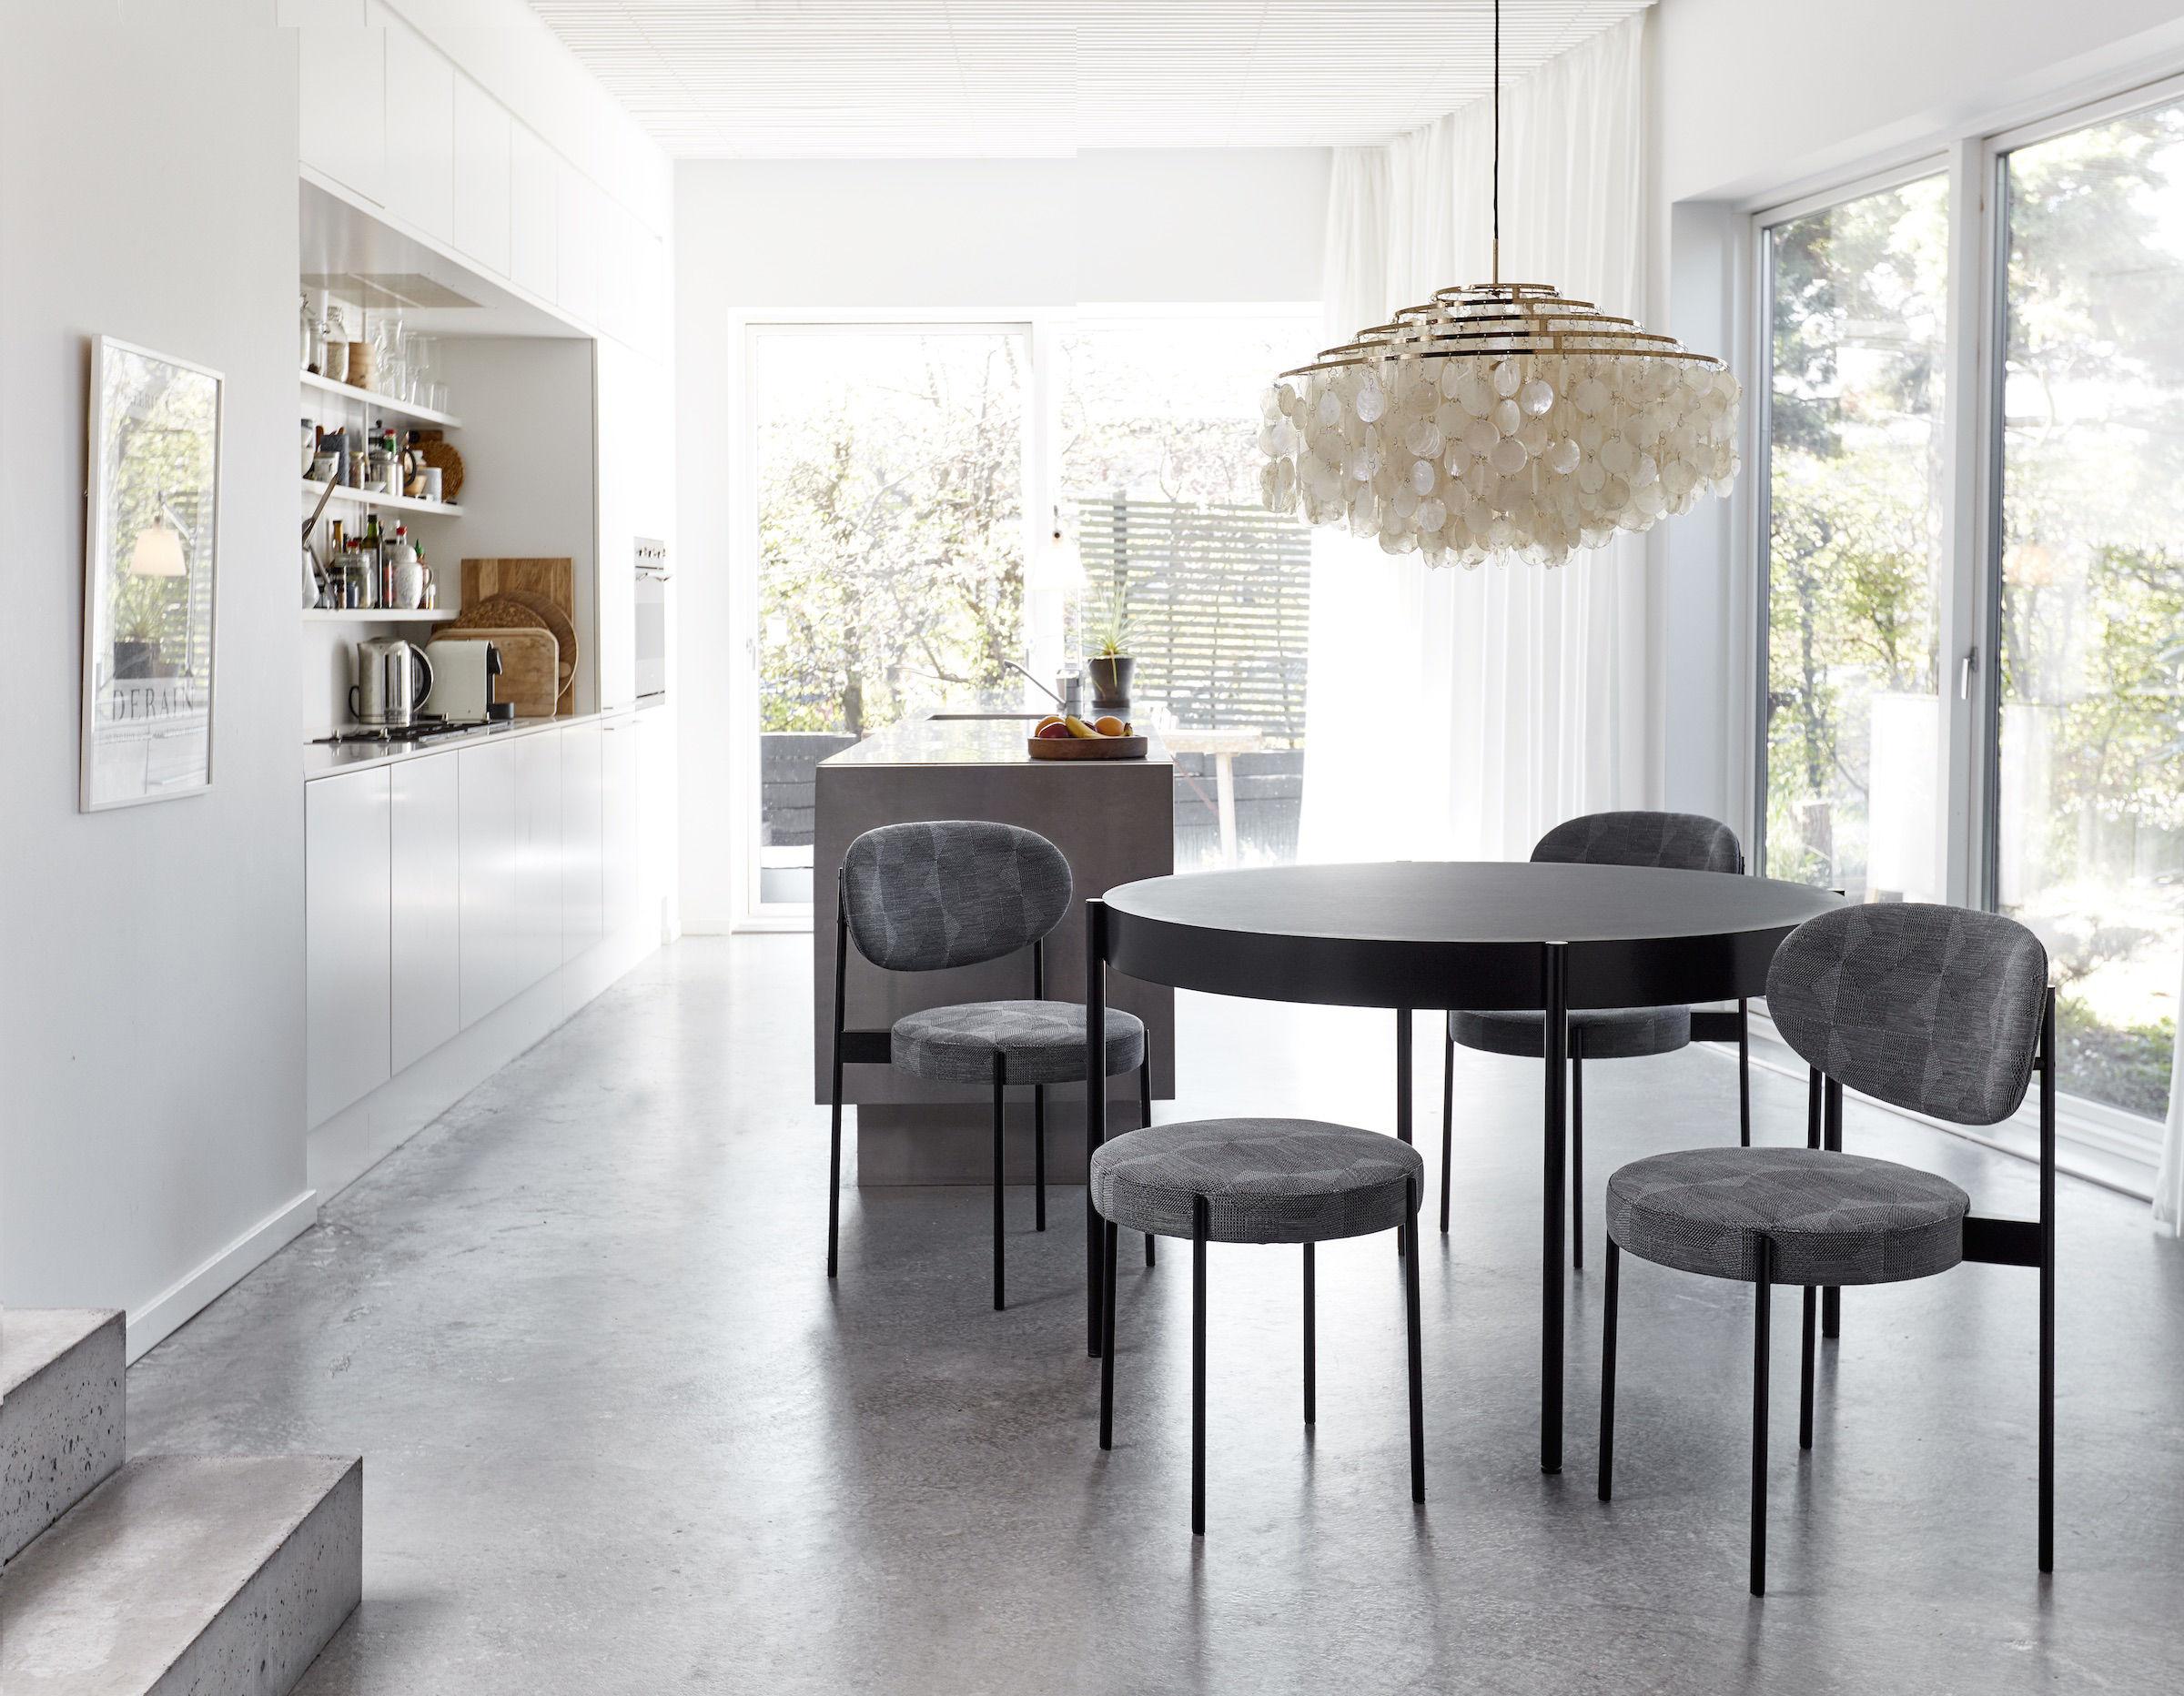 Sedia Pantone Marrone : Sedia verner panton originale sedia quot panton chair ditta vitra